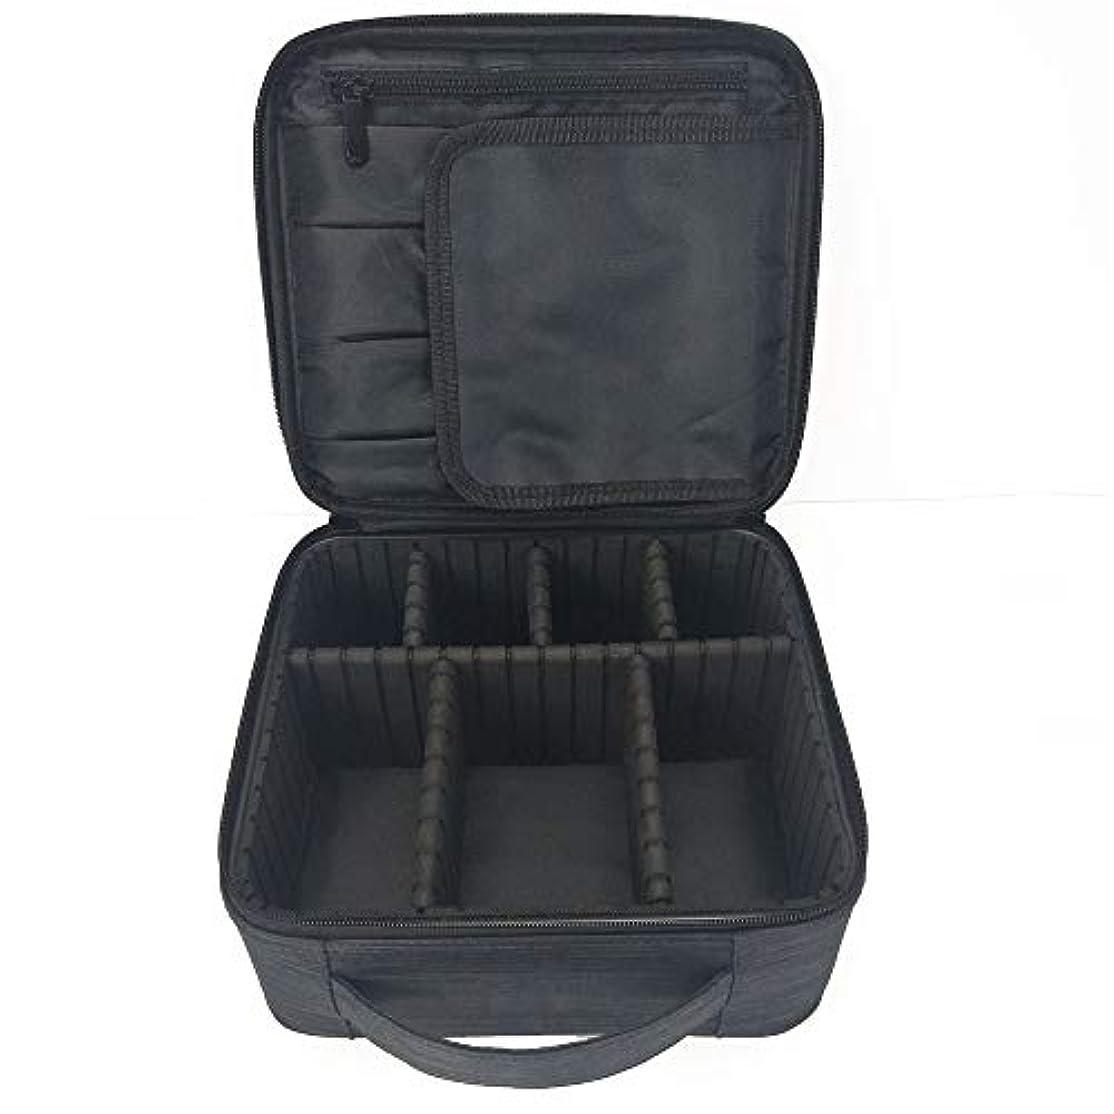 基本的な冬フラフープ化粧オーガナイザーバッグ 調整可能な仕切り付き防水メイクアップバッグ旅行化粧ケースブラシホルダー 化粧品ケース